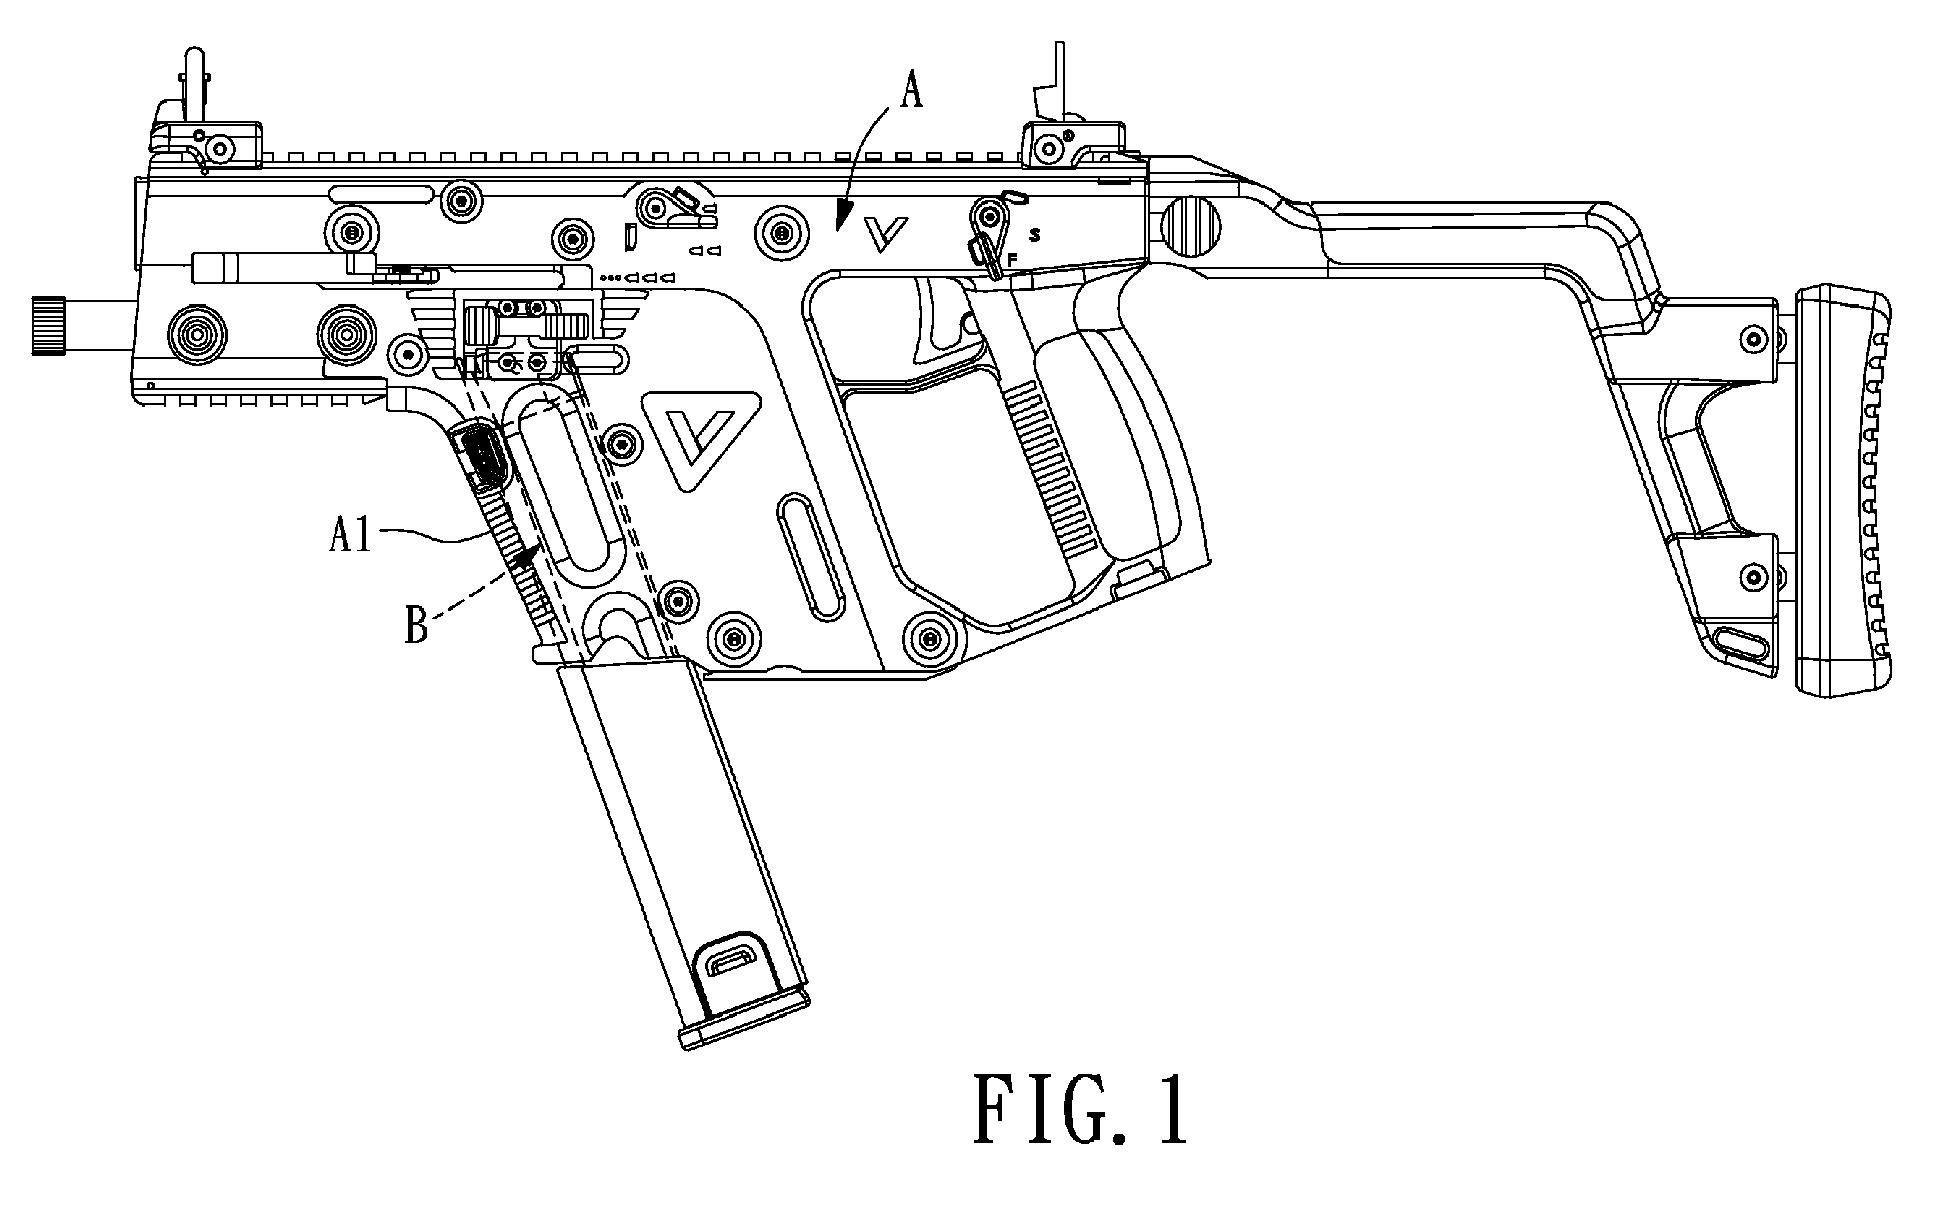 Firing Mechanisms For Guns : Patent ep a firing linkage mechanism for toy